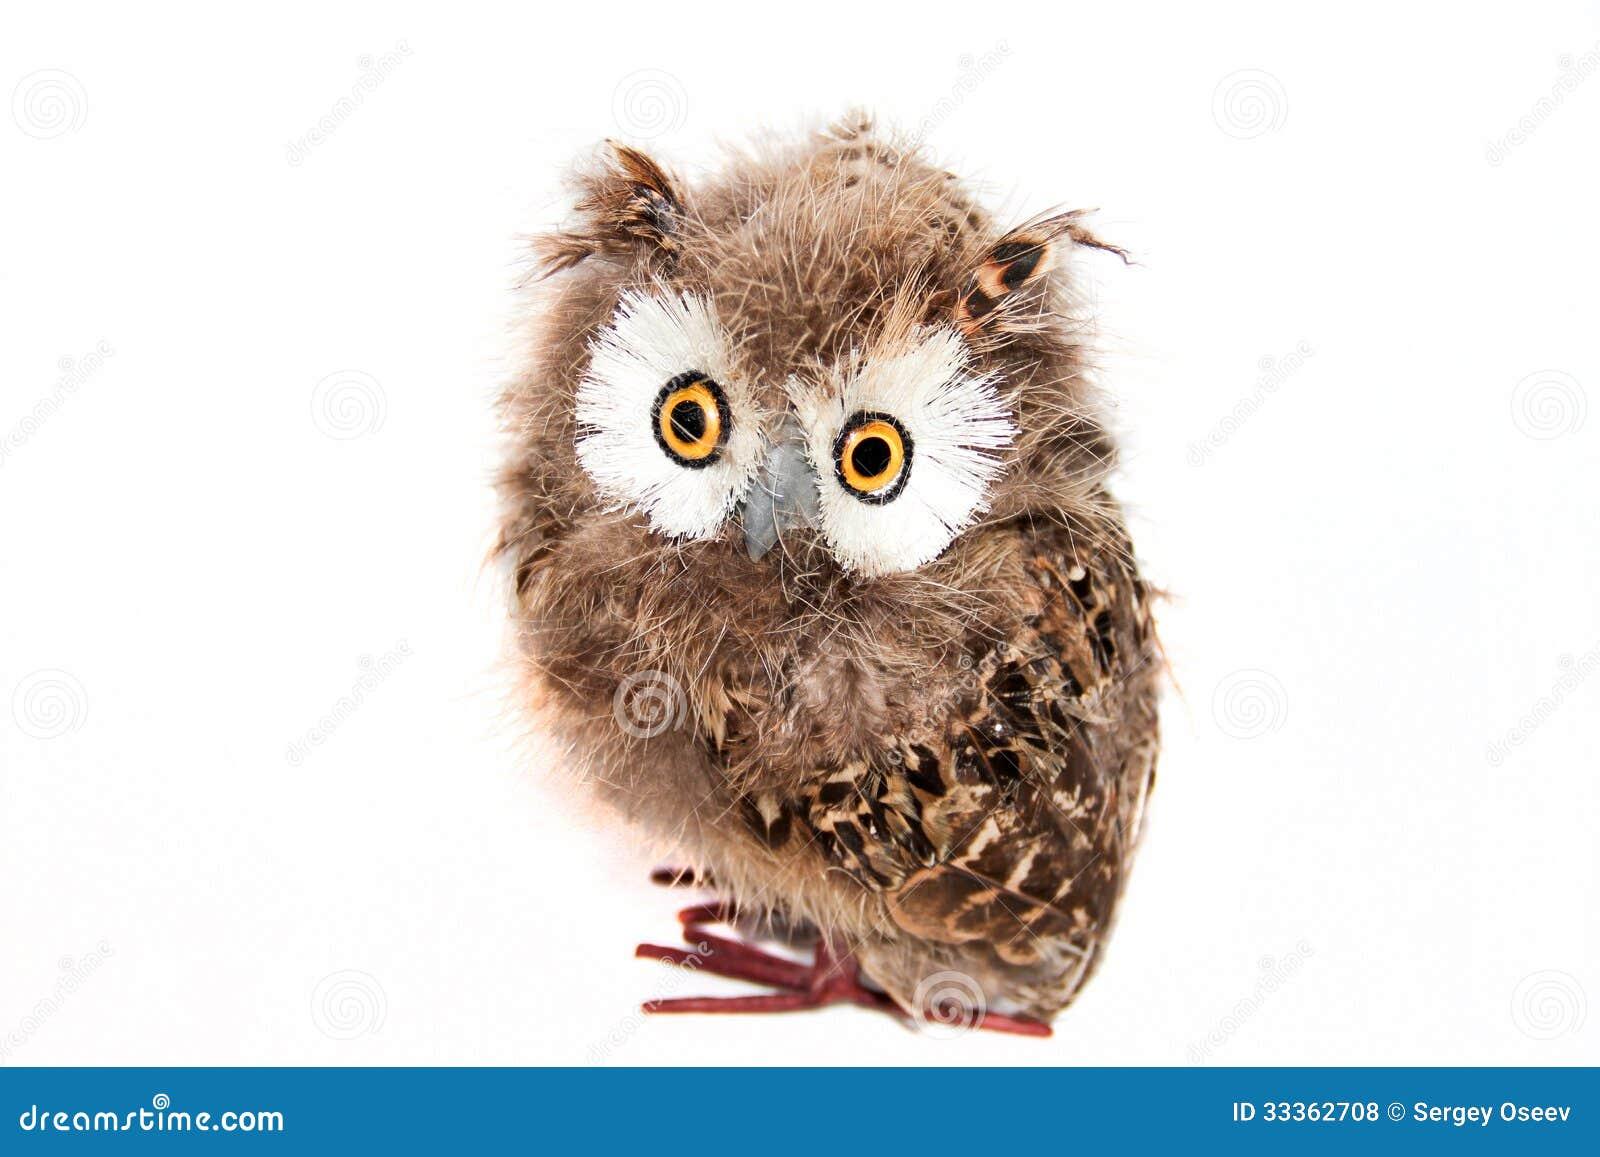 Toy owl